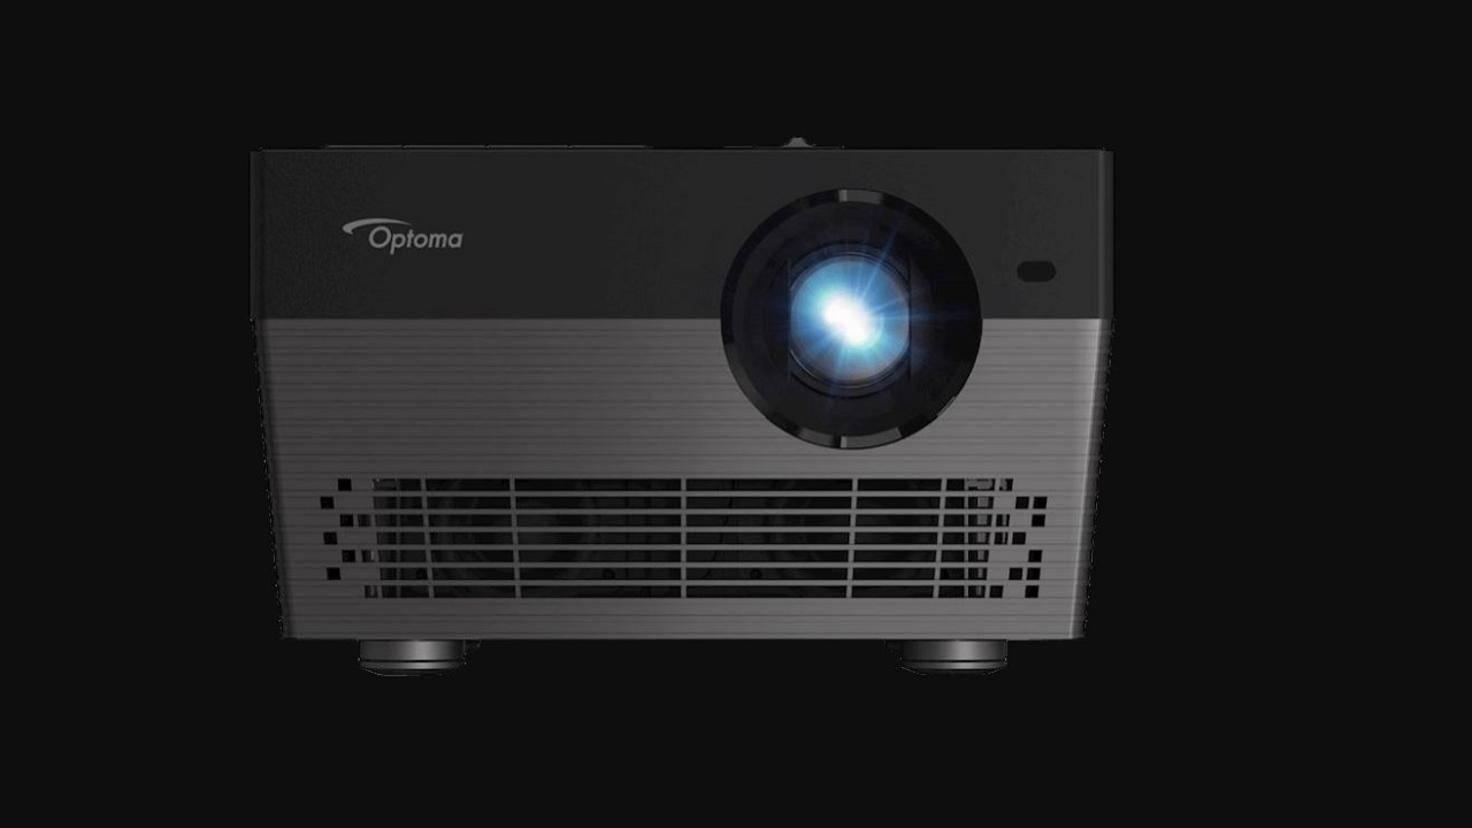 Der Optoma-Projektor mit Alexa-Unterstützung verwandelt das Wohnzimmer in ein sprachgesteuertes Heimkino.